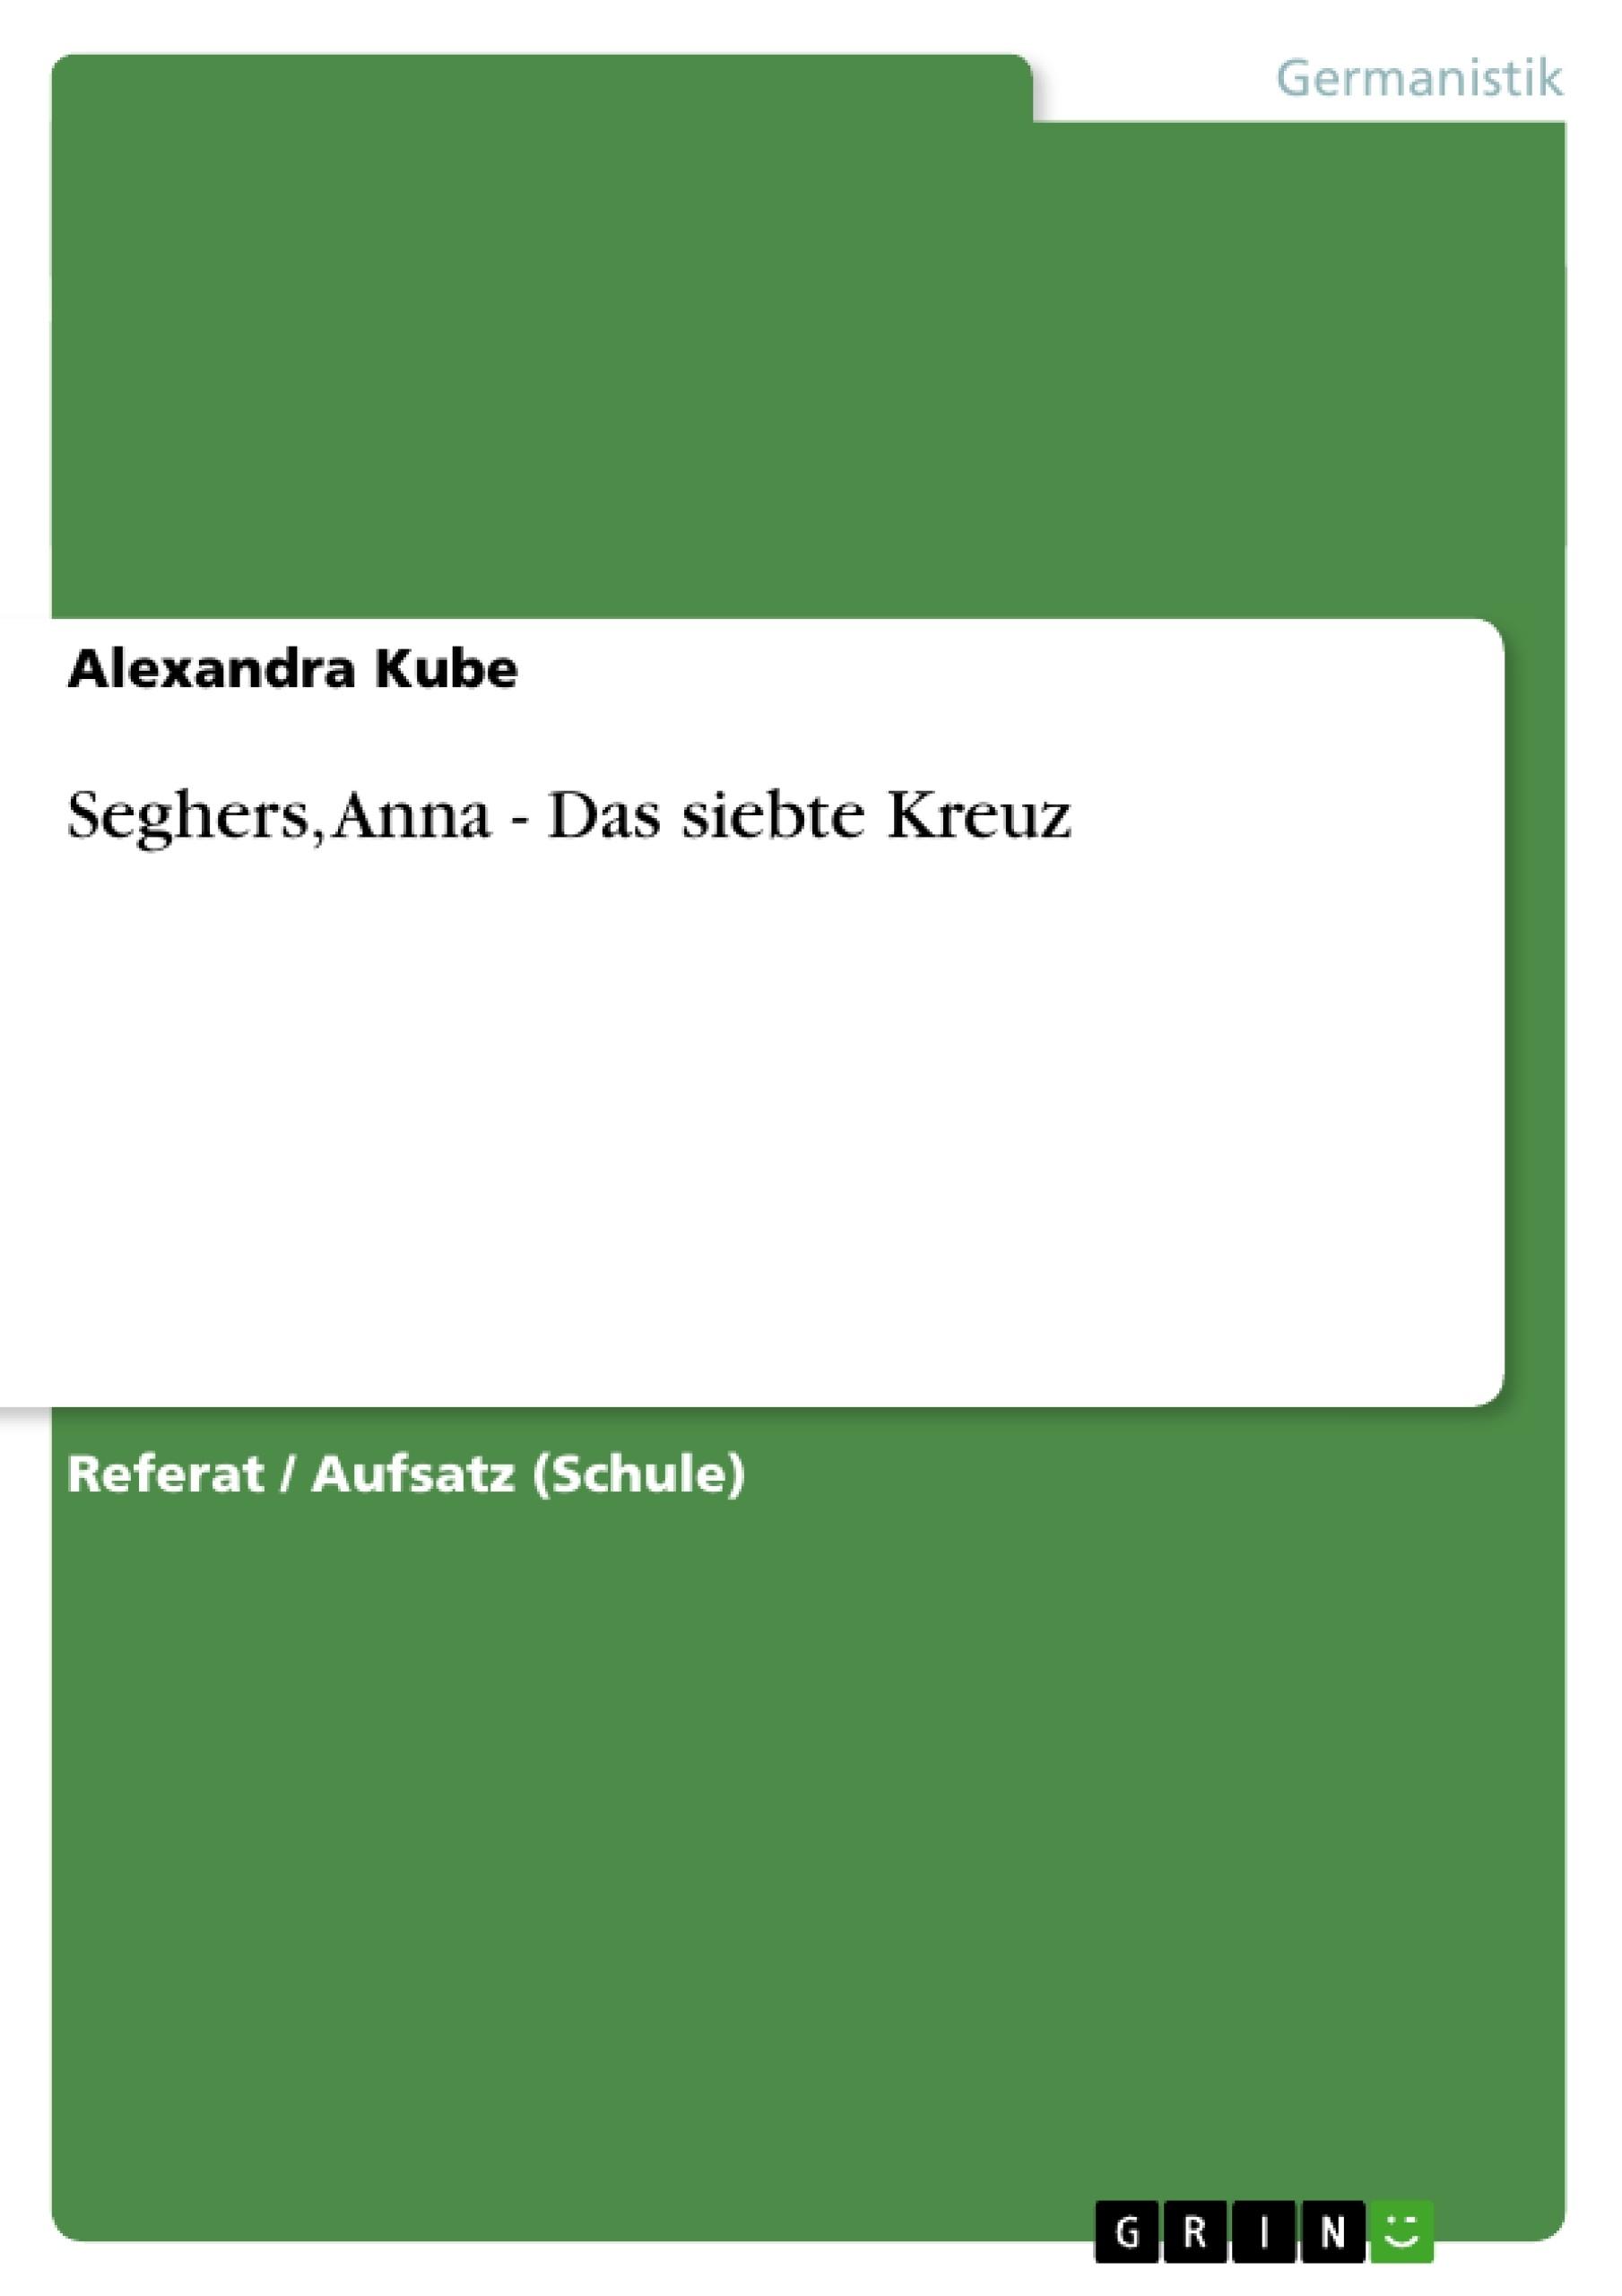 Seghers, Anna - Das siebte Kreuz   Masterarbeit, Hausarbeit ...